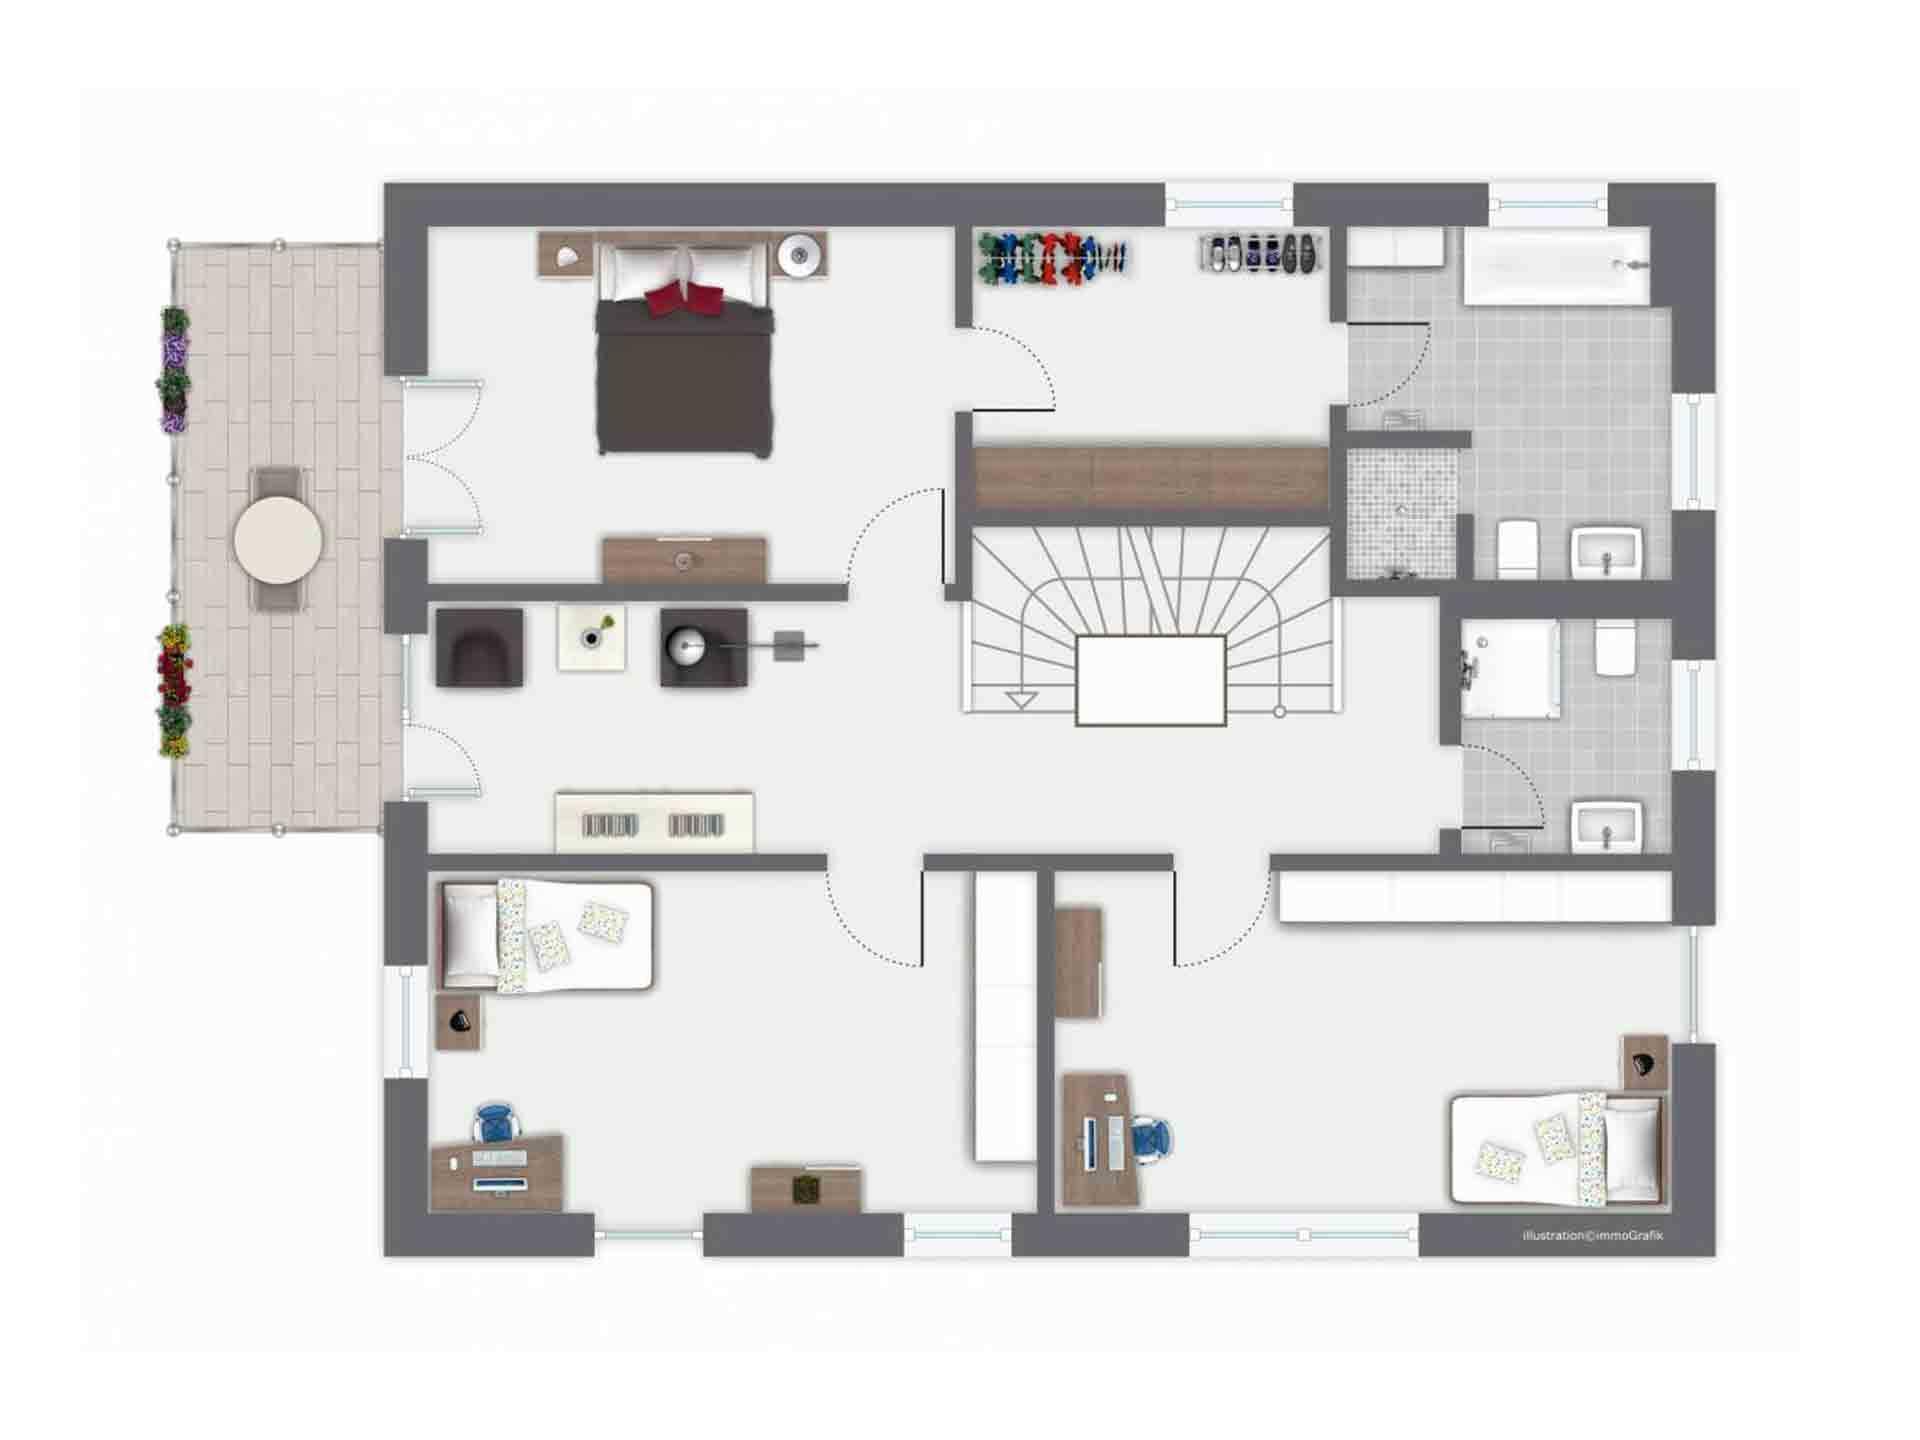 Haus Ponticelli - Ein Screenshot eines Videospiels mit Rietveld-Schröder-Haus im Hintergrund - Schlafzimmer